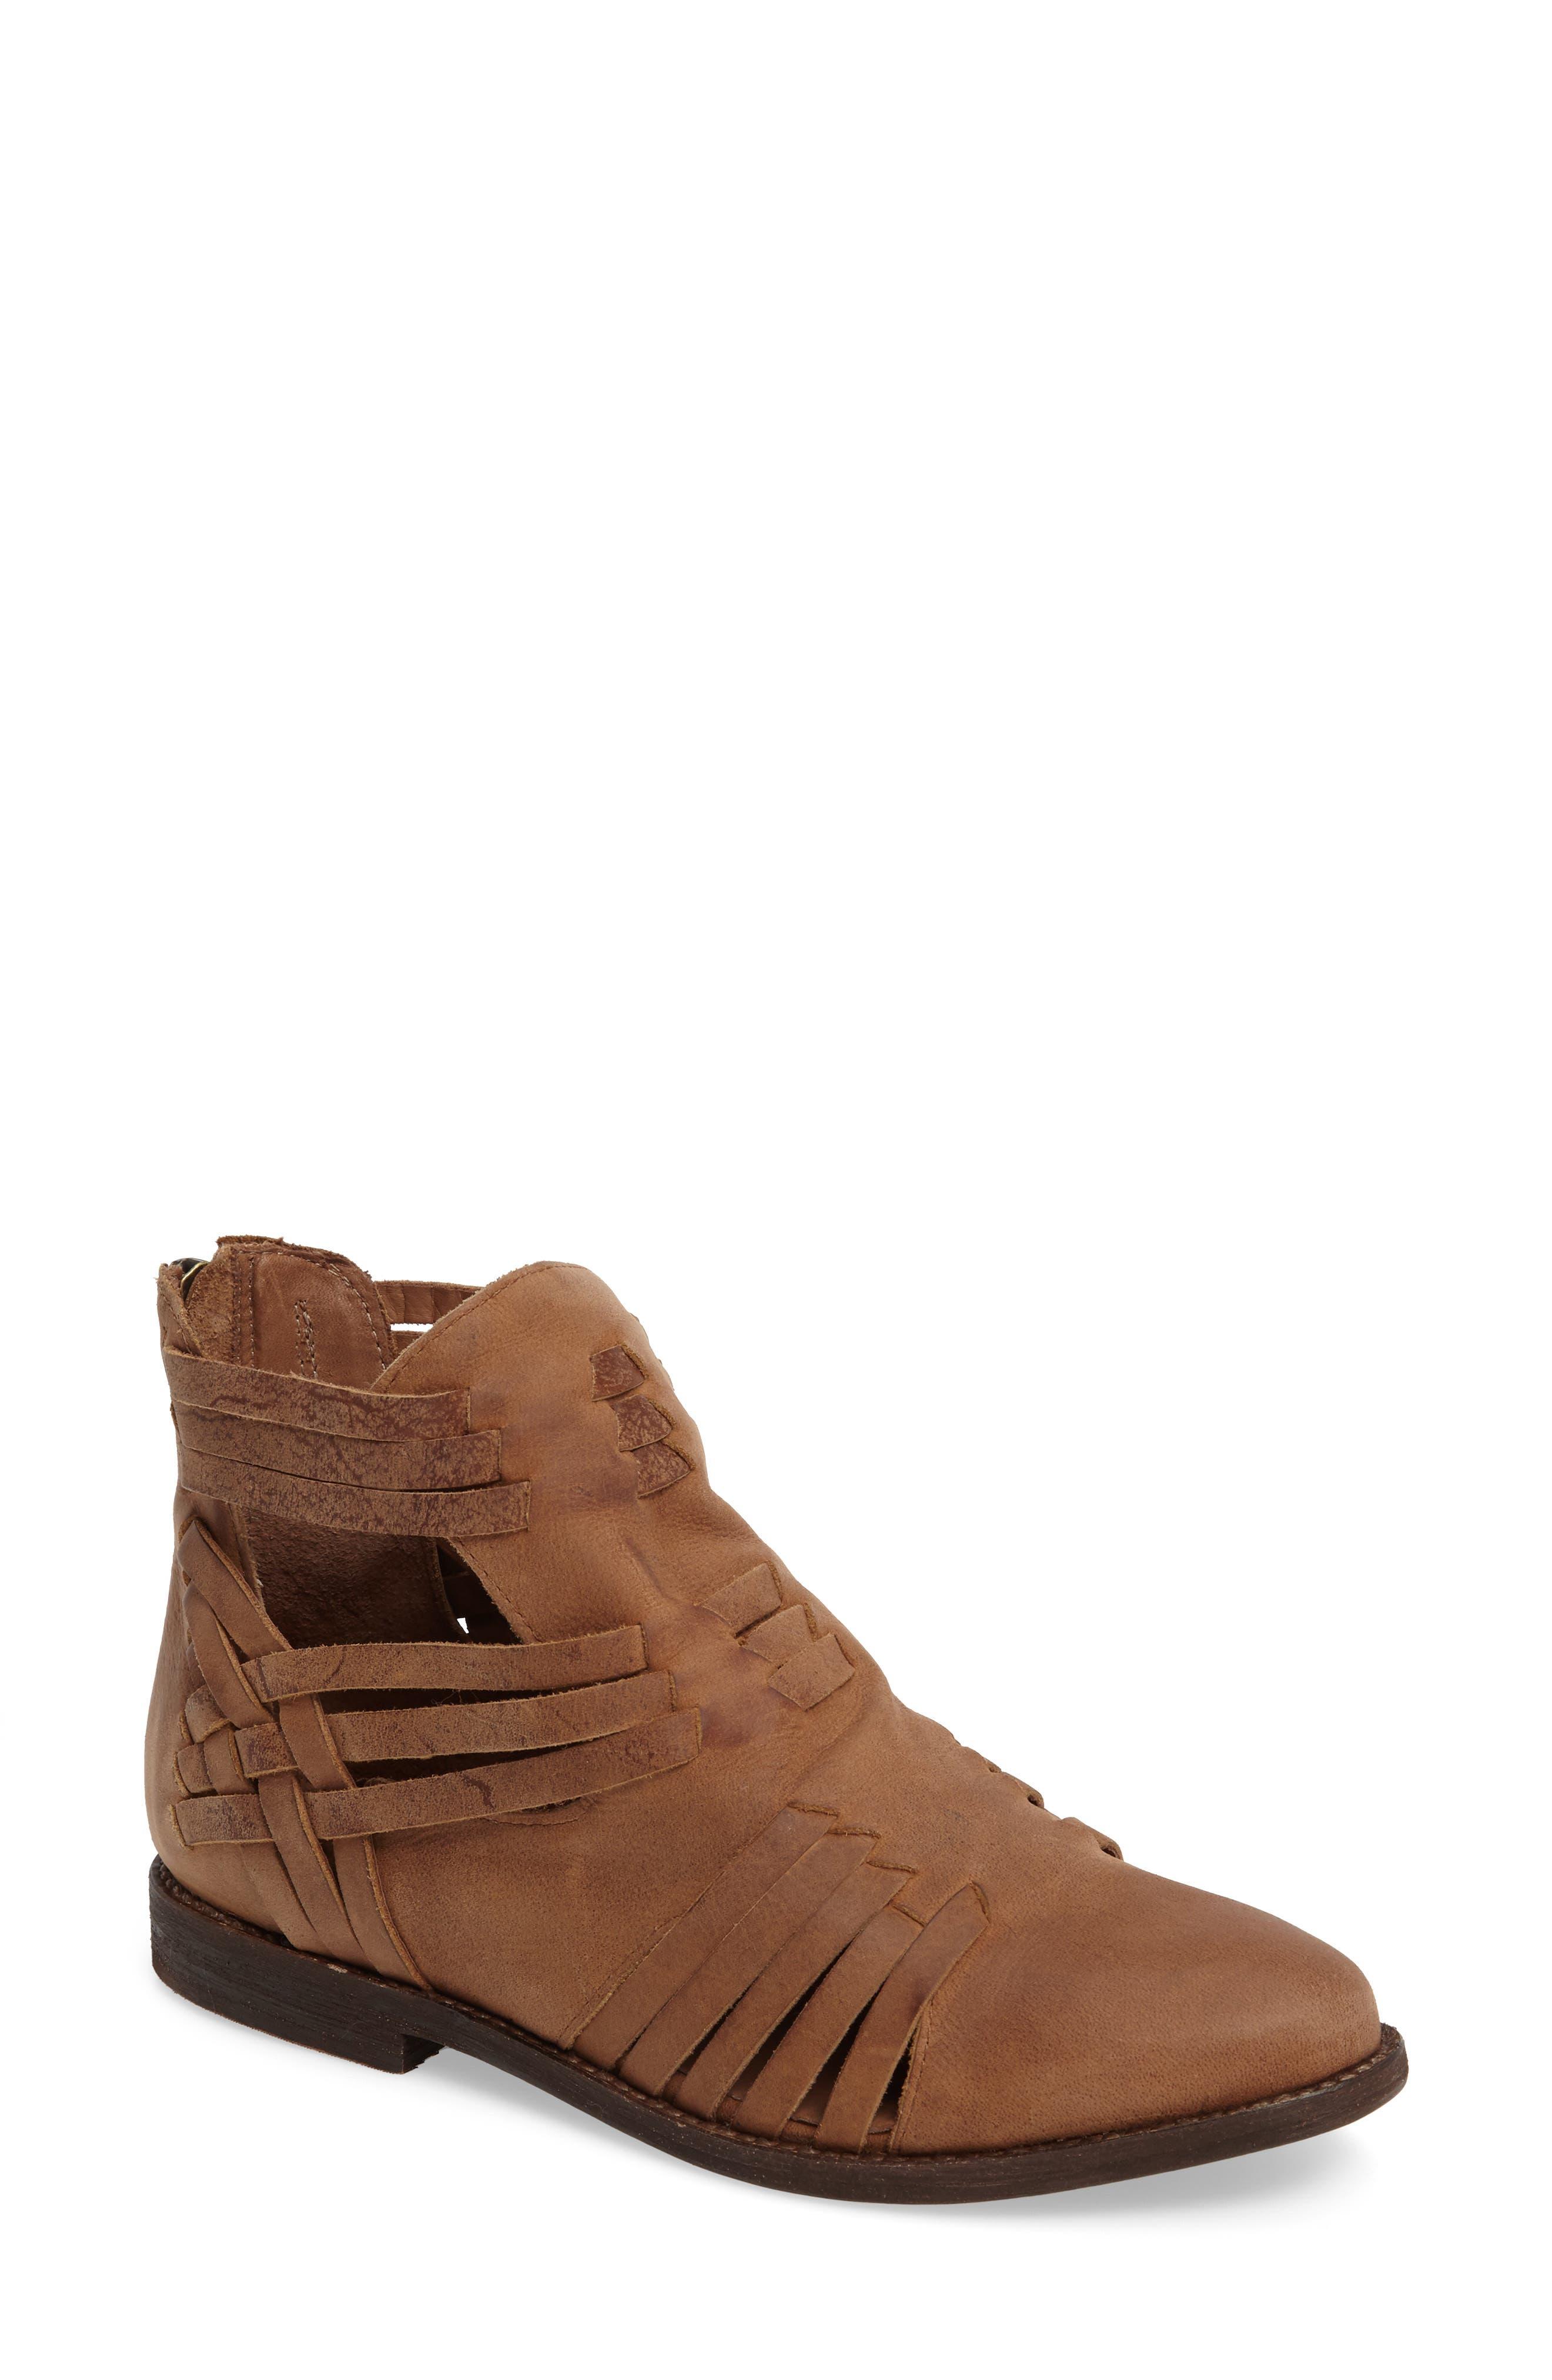 Fairuz Bootie,                         Main,                         color, Tan Leather